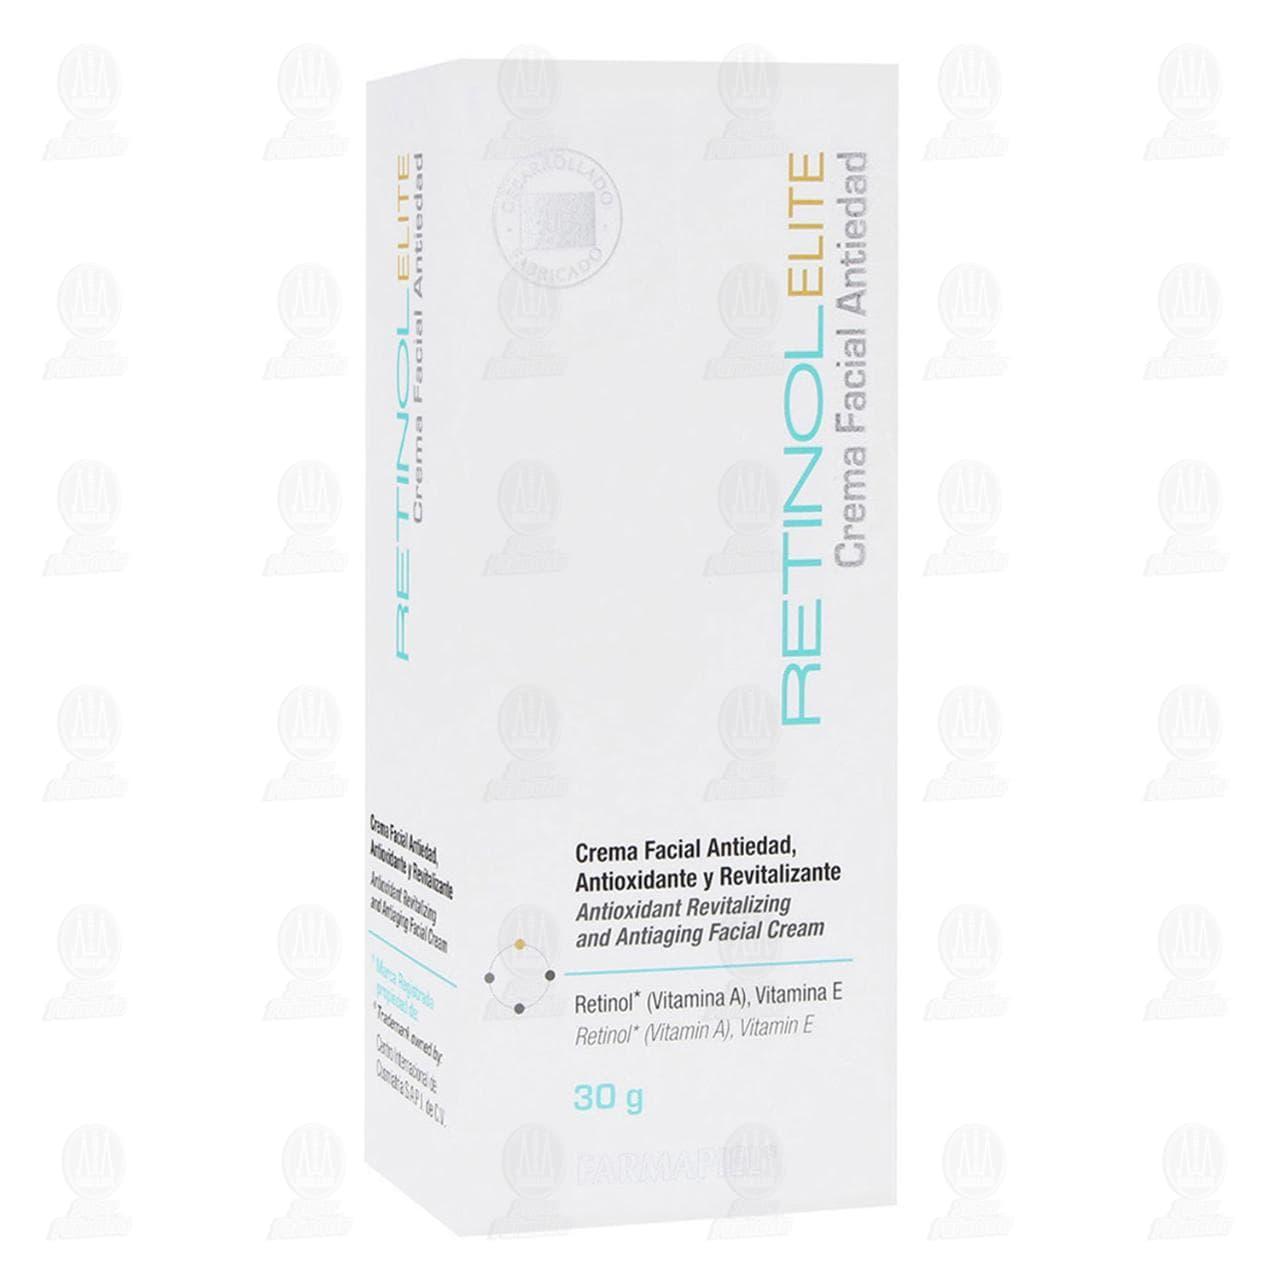 Comprar Retinol Elite Crema Facial Antiedad, 30 gr. en Farmacias Guadalajara